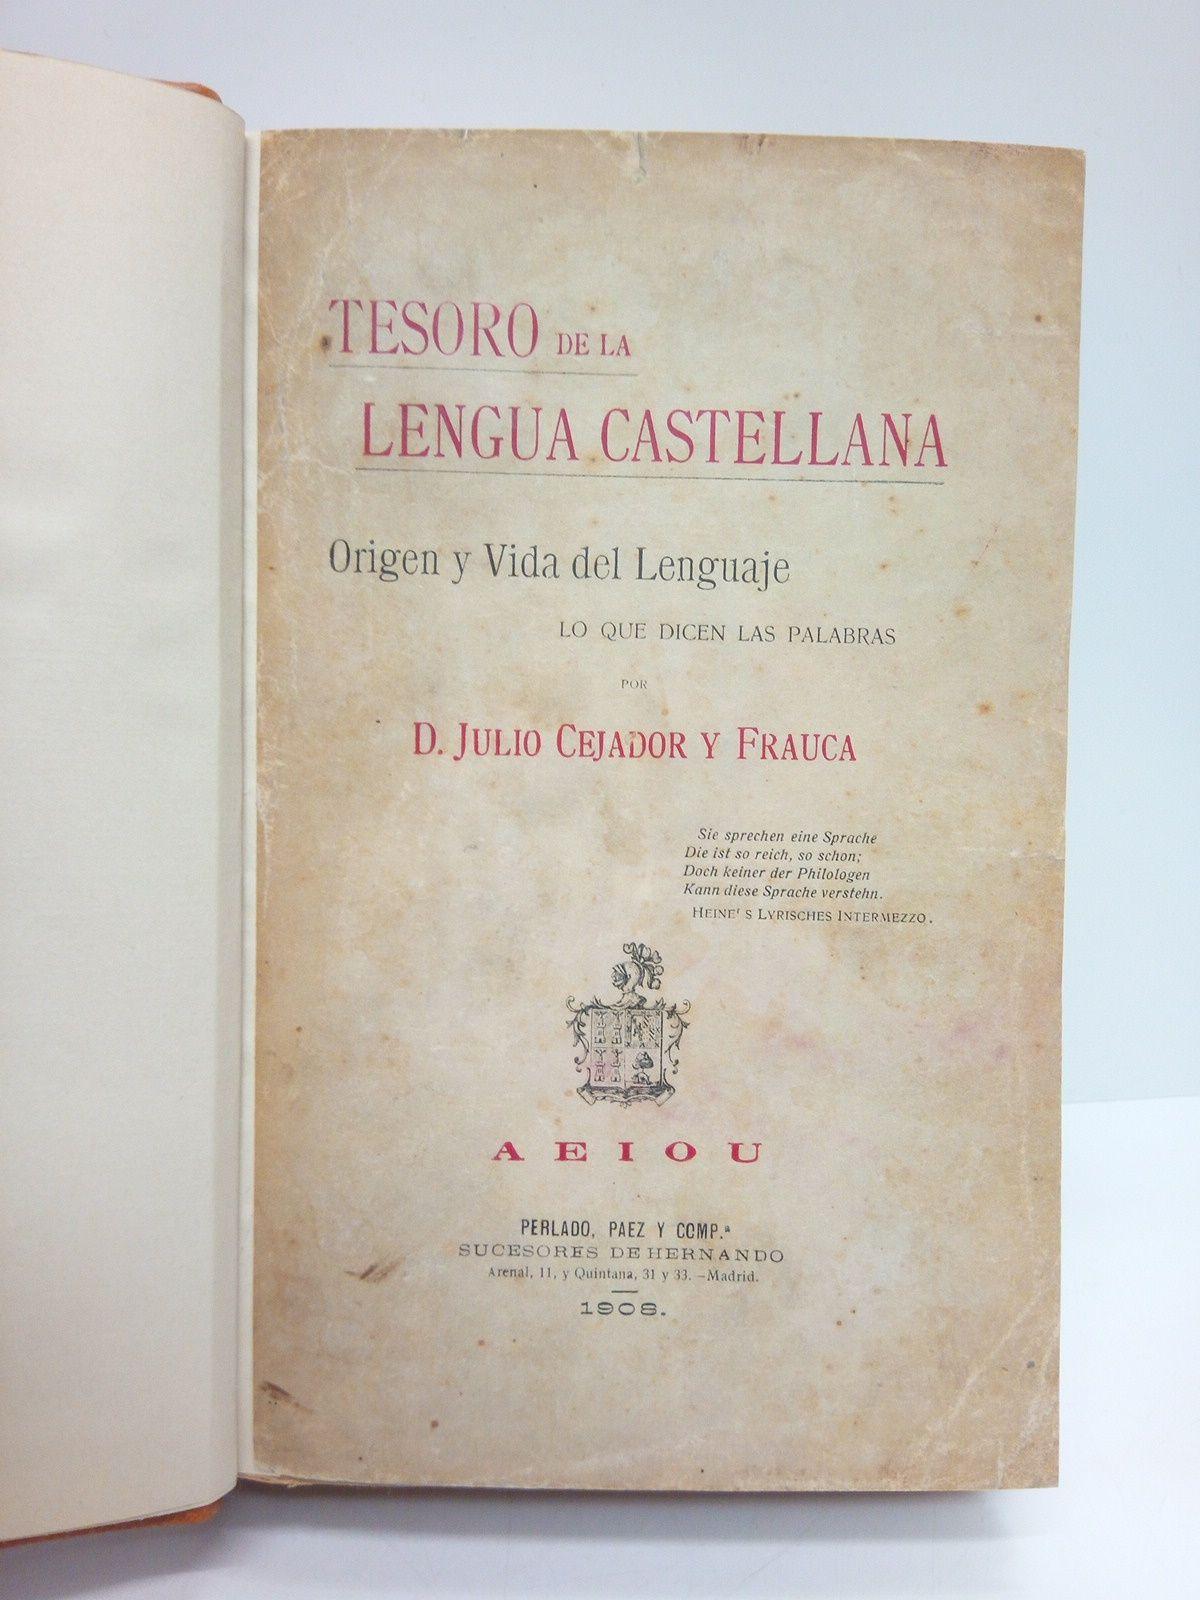 Tesoro de la Lengua Castellana: Origen y Vida del Lenguaje. Lo que dicen las palabras